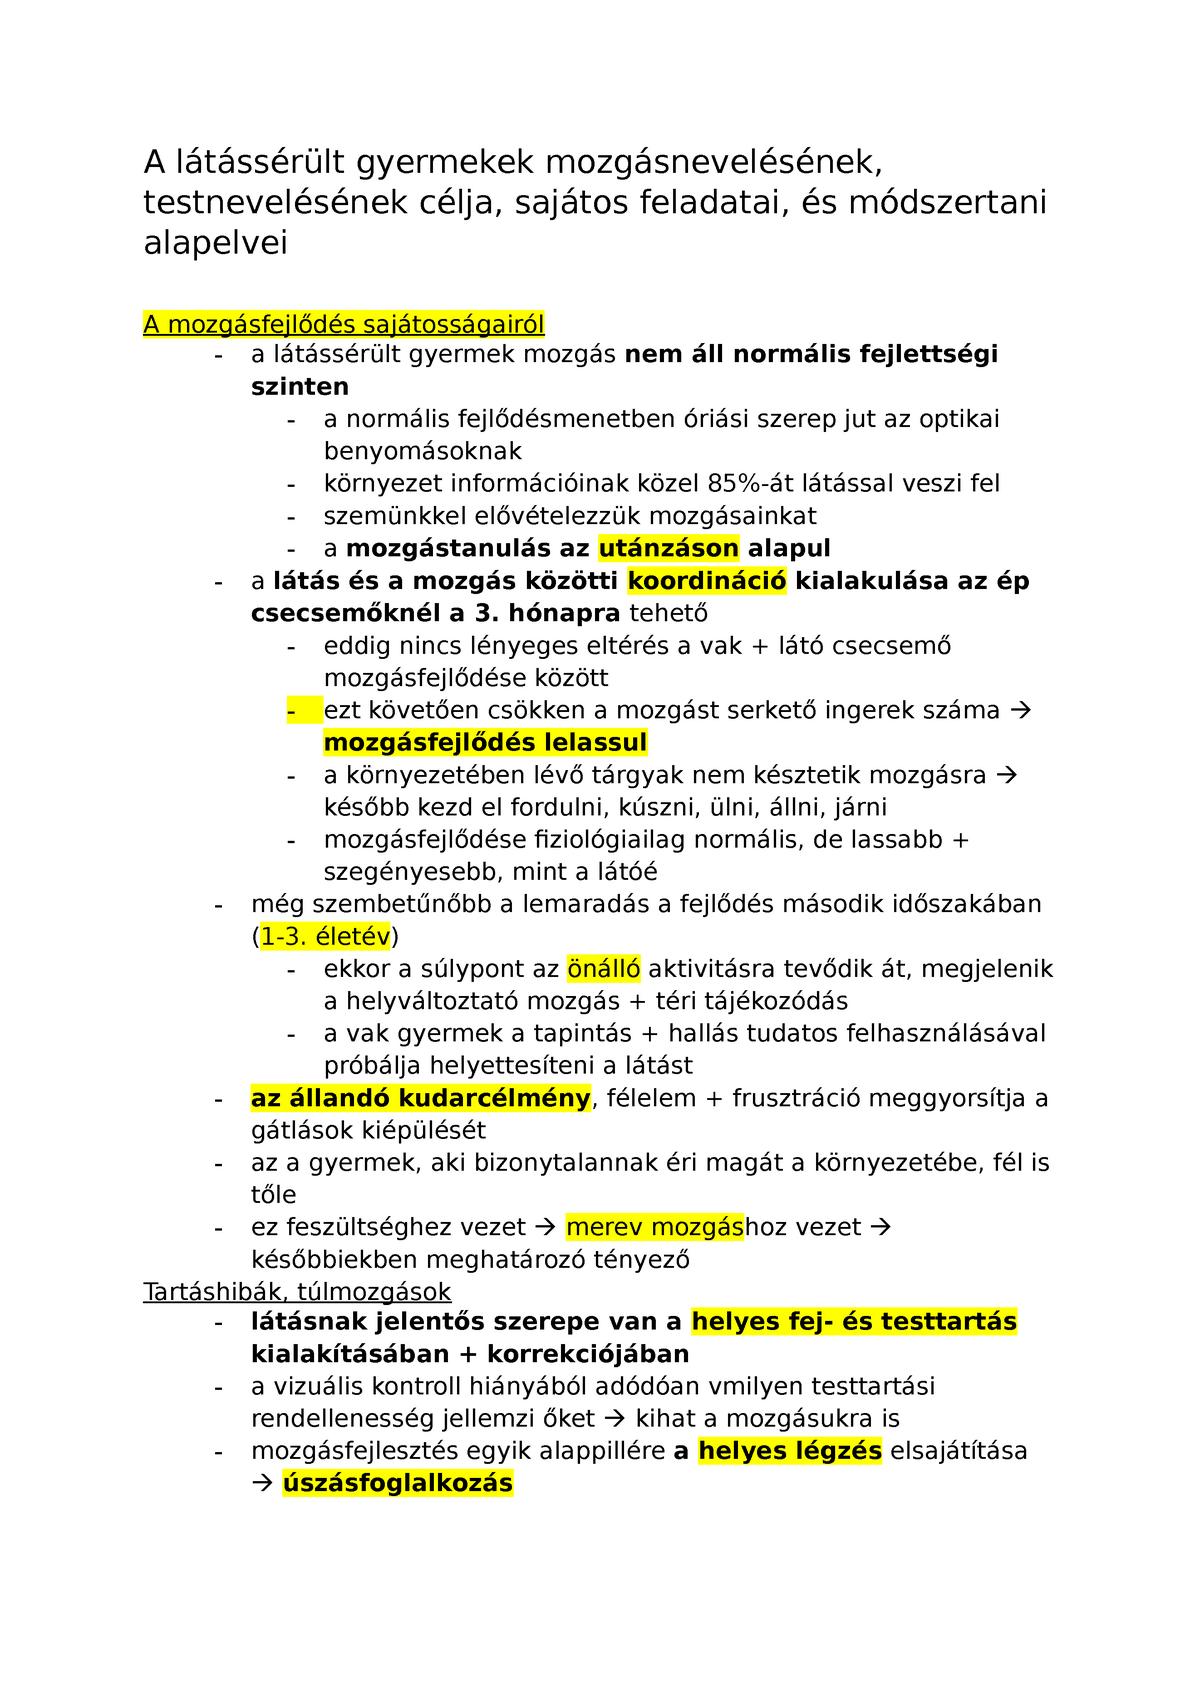 látássérült másodlagos rendellenességek)